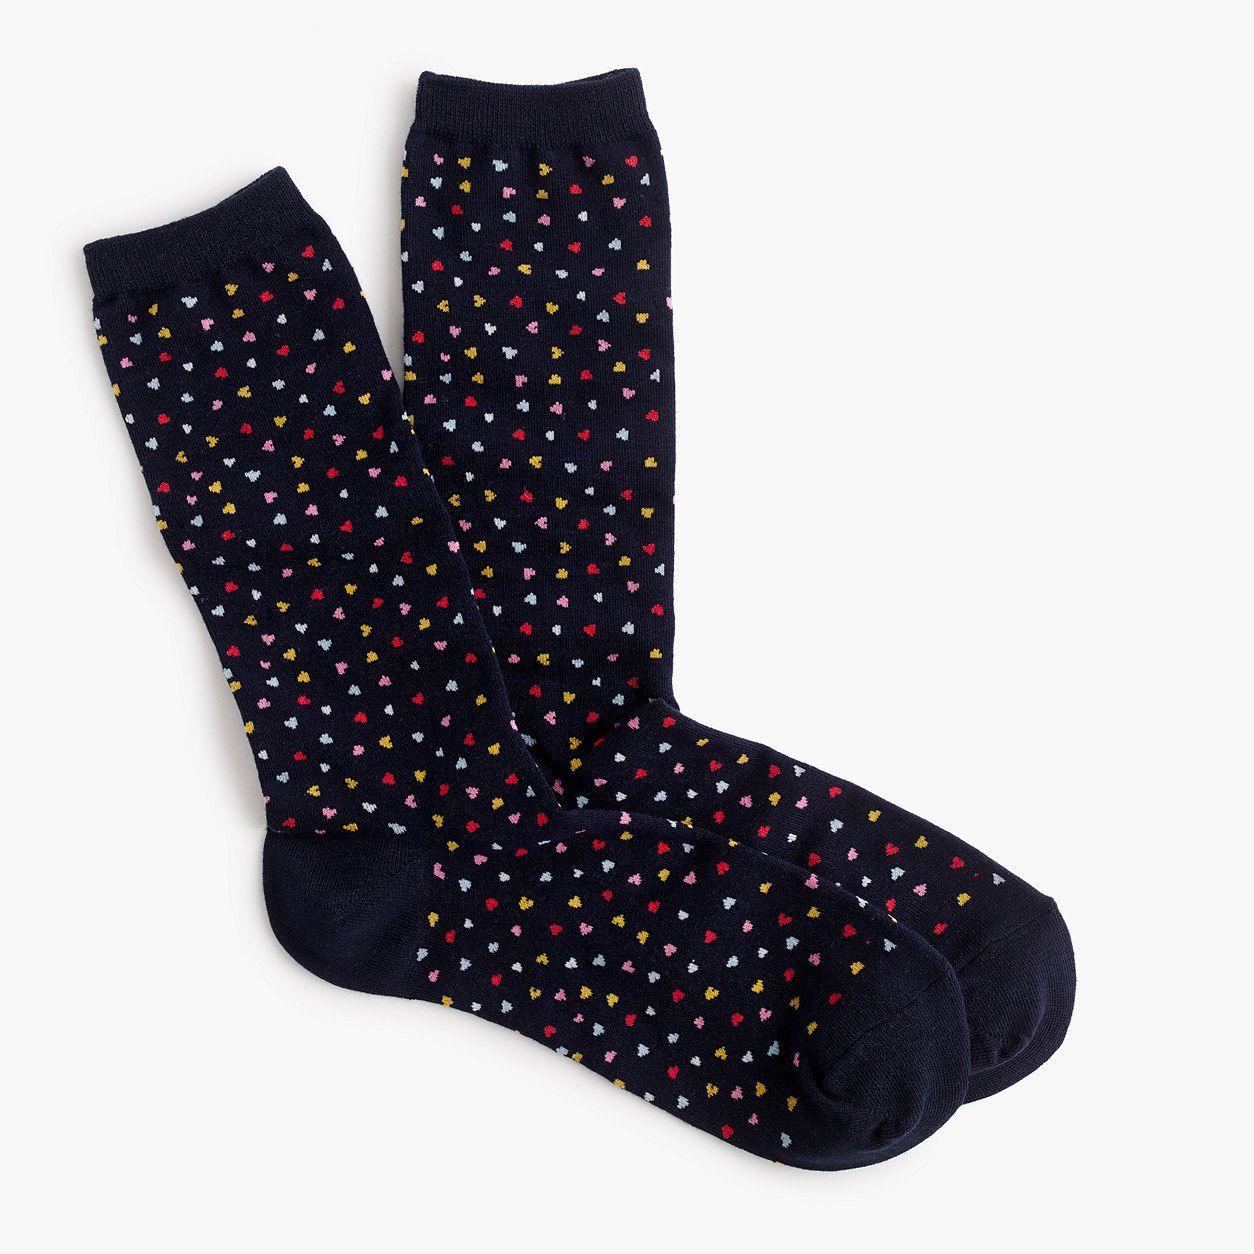 ef6674e87 J.Crew Womens Trouser Socks In Heart Print